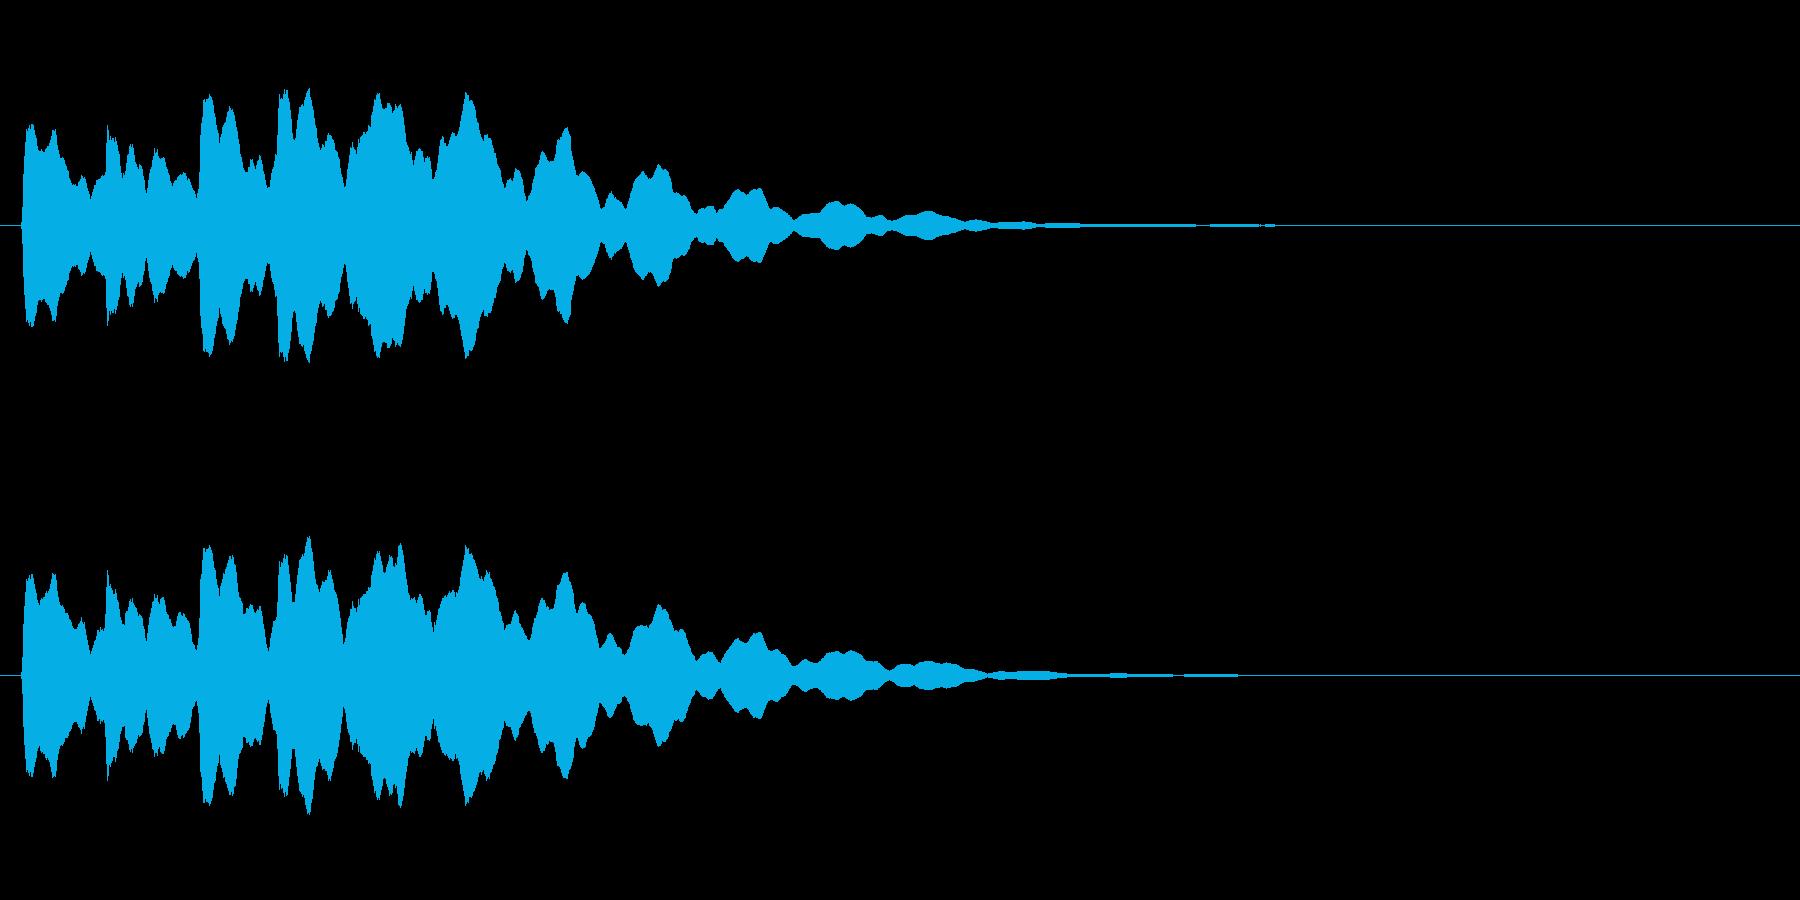 ベル6音、電話着信音【リリリリリリーン】の再生済みの波形